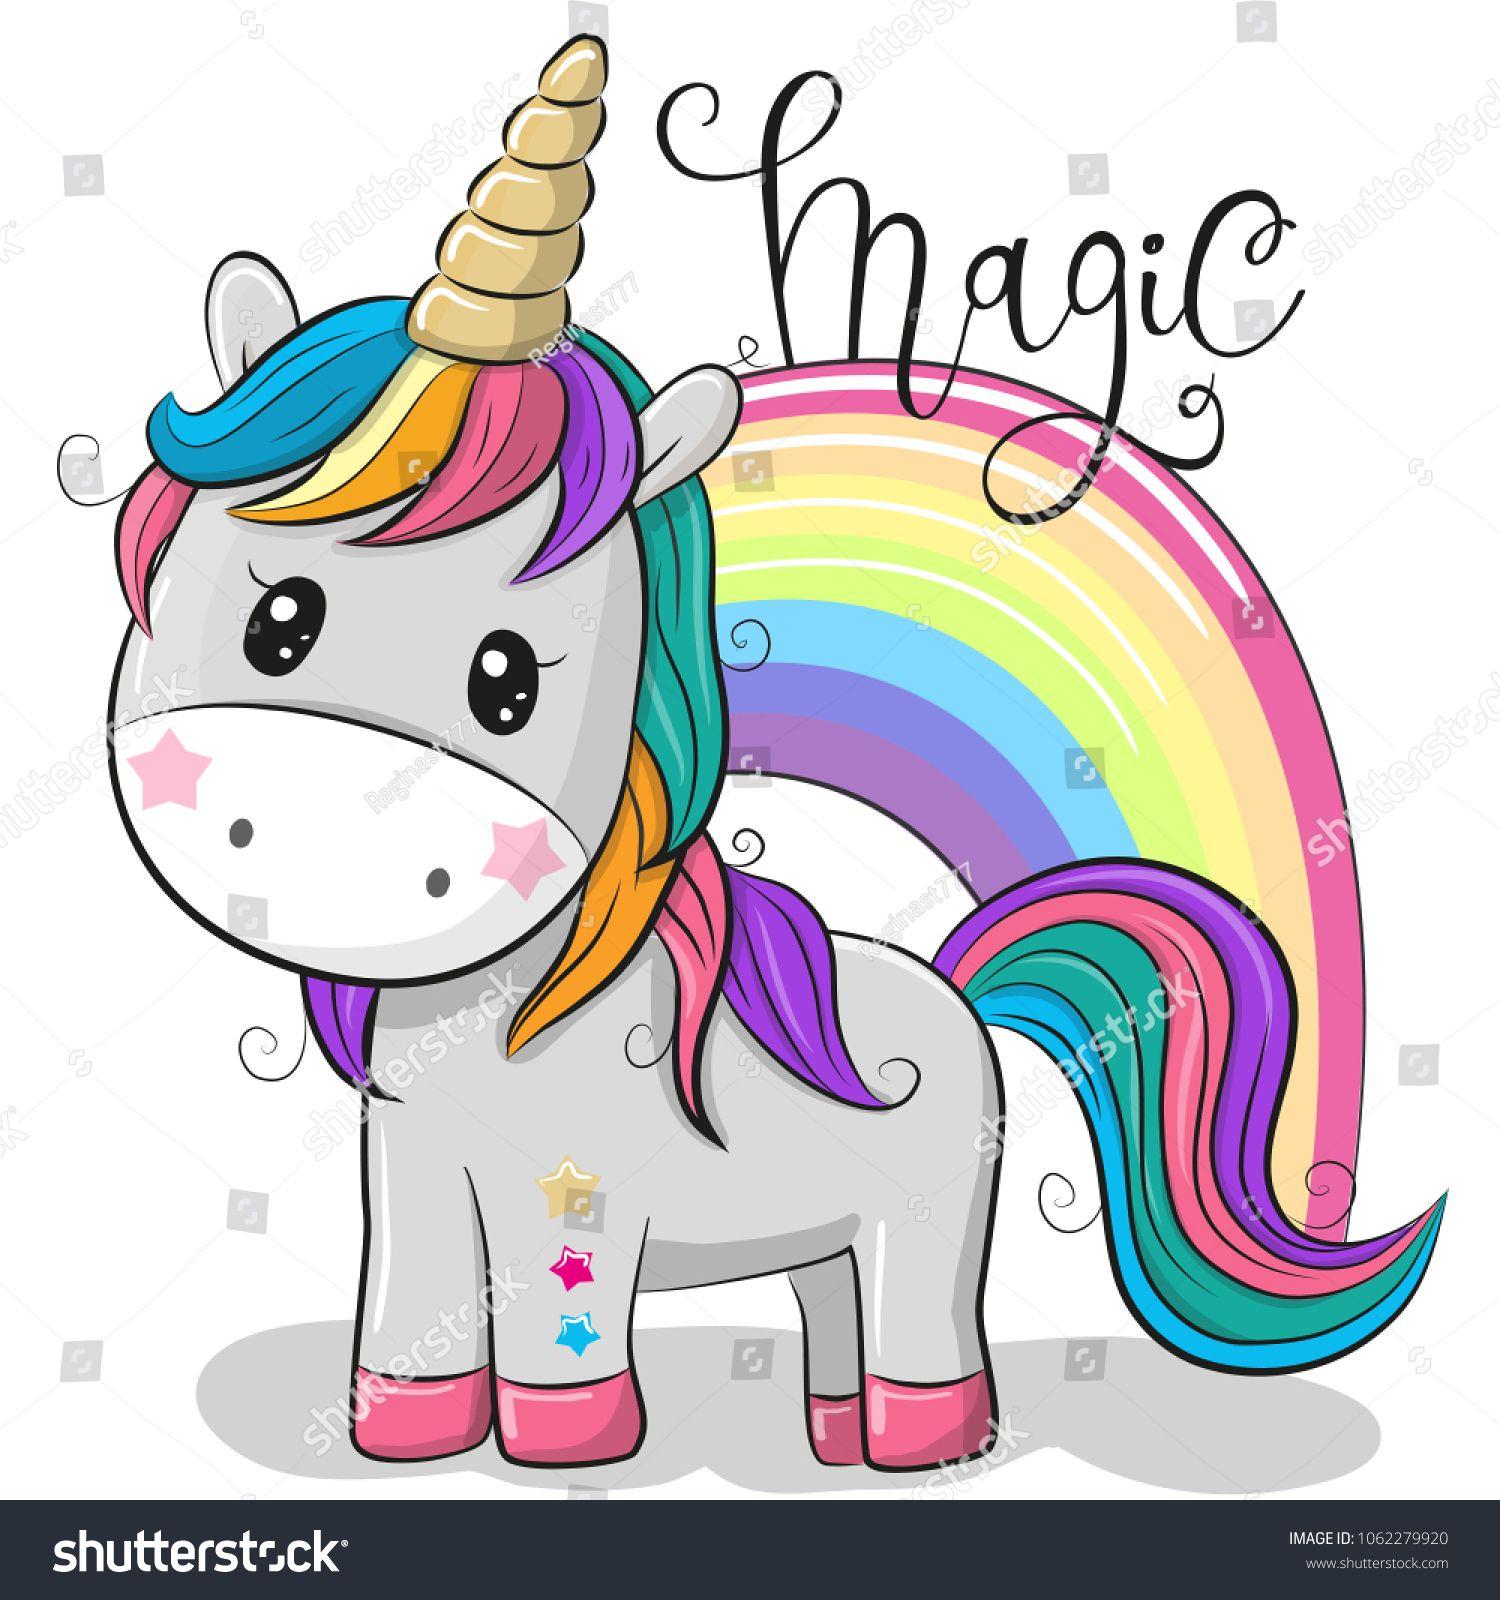 Cute Cartoon Unicorn and a rainbow isolated on a white